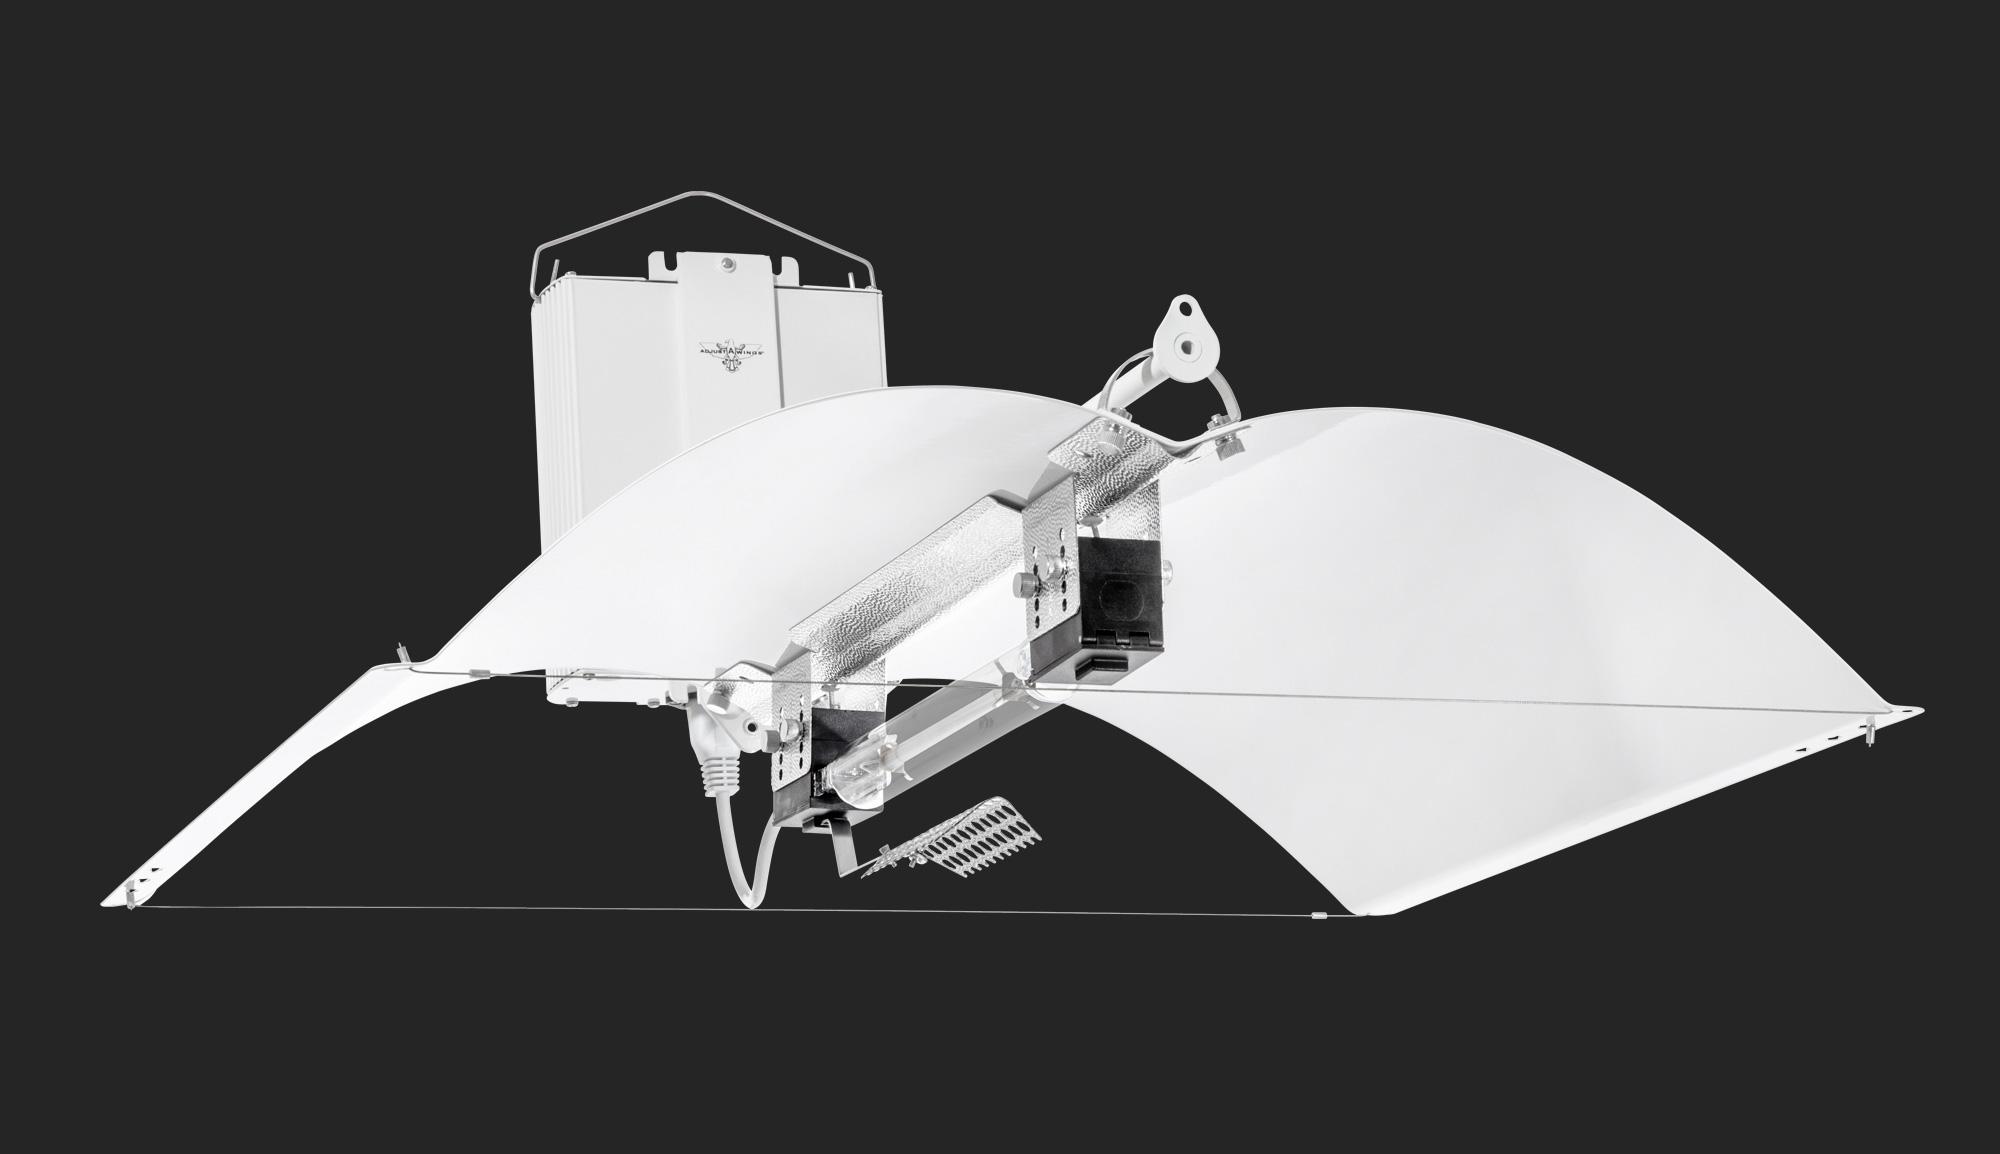 750w DE Hellion Lighting System - Adjust-A-Wings